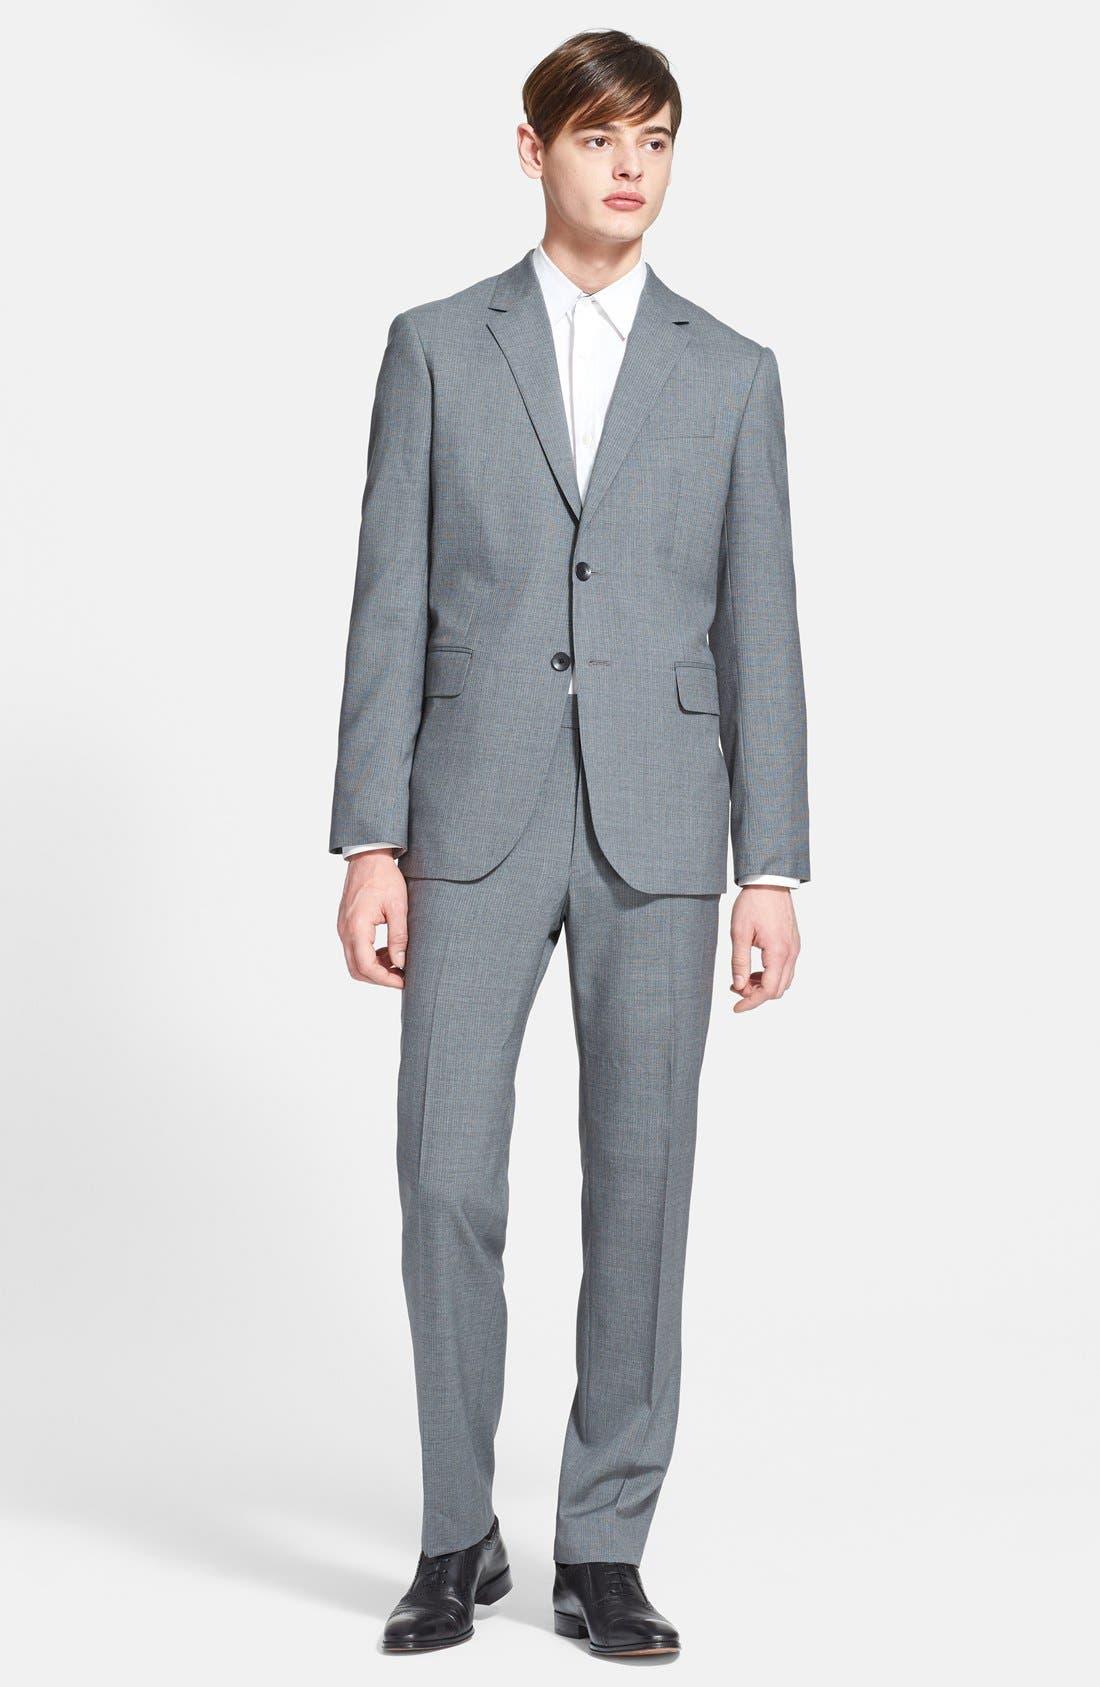 Alternate Image 1 Selected - rag & bone Pinstripe Wool Suit